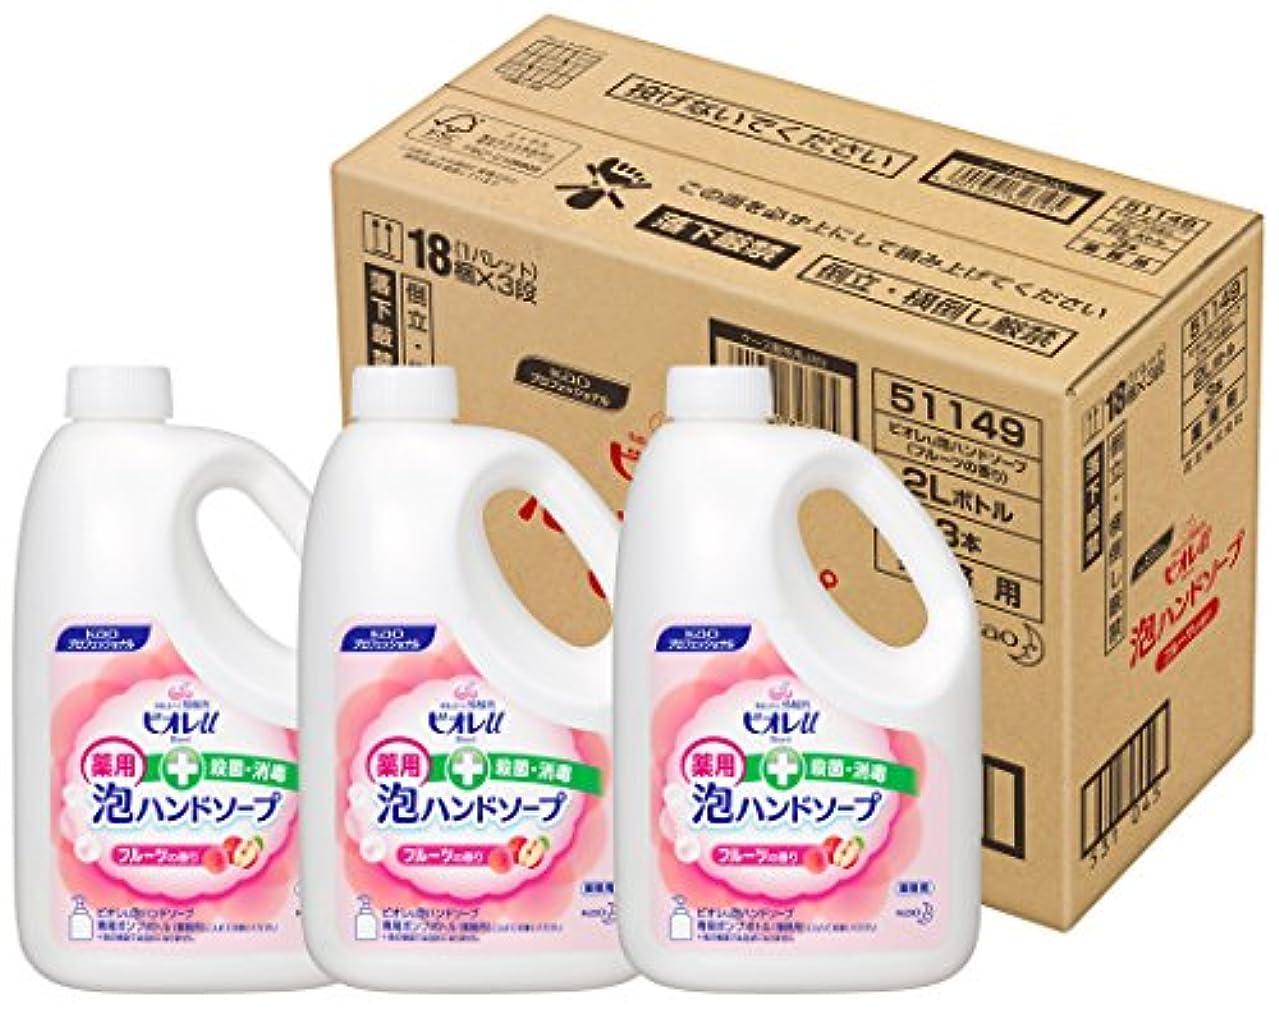 製油所進捗引く【ケース販売 業務用 泡ハンドソープ】ビオレu 泡ハンドソープ フルーツの香り 2L×3(プロフェッショナルシリーズ)